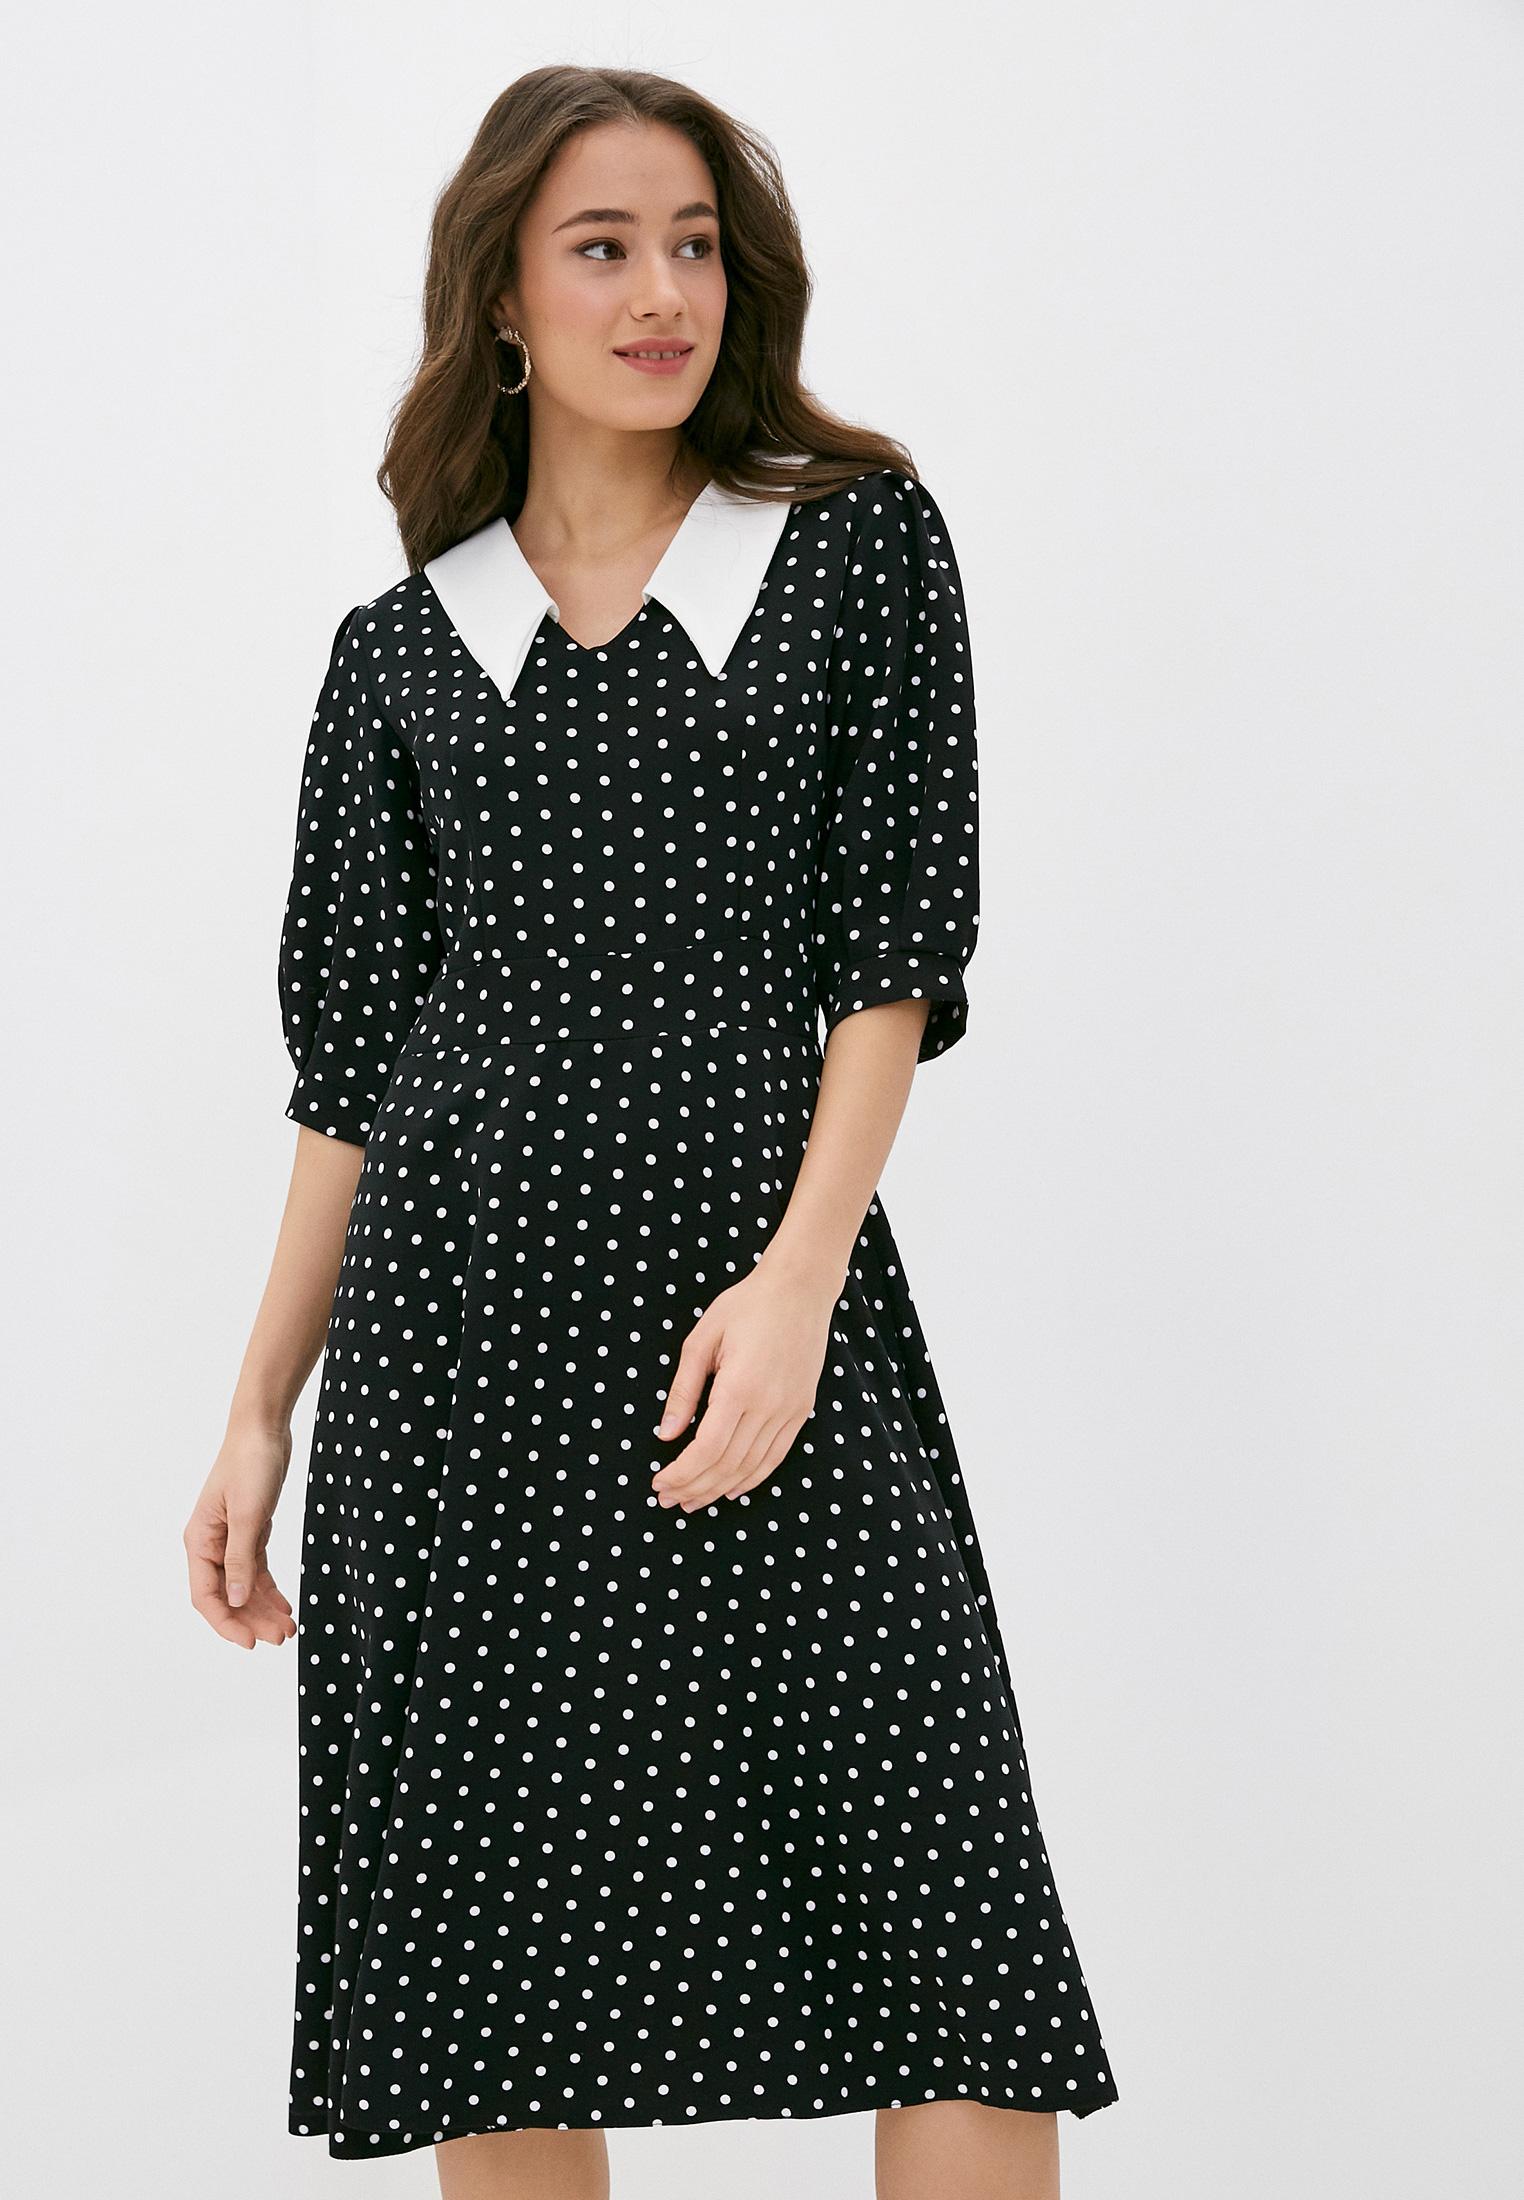 Платье Dunia DU21-09